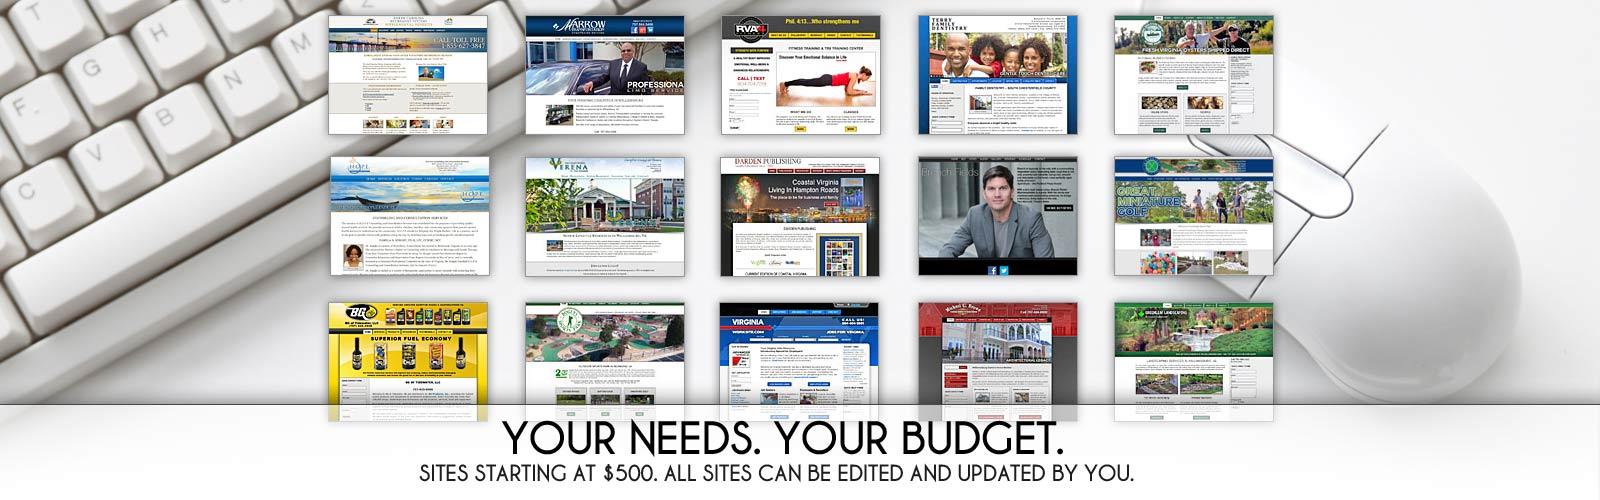 budget2a